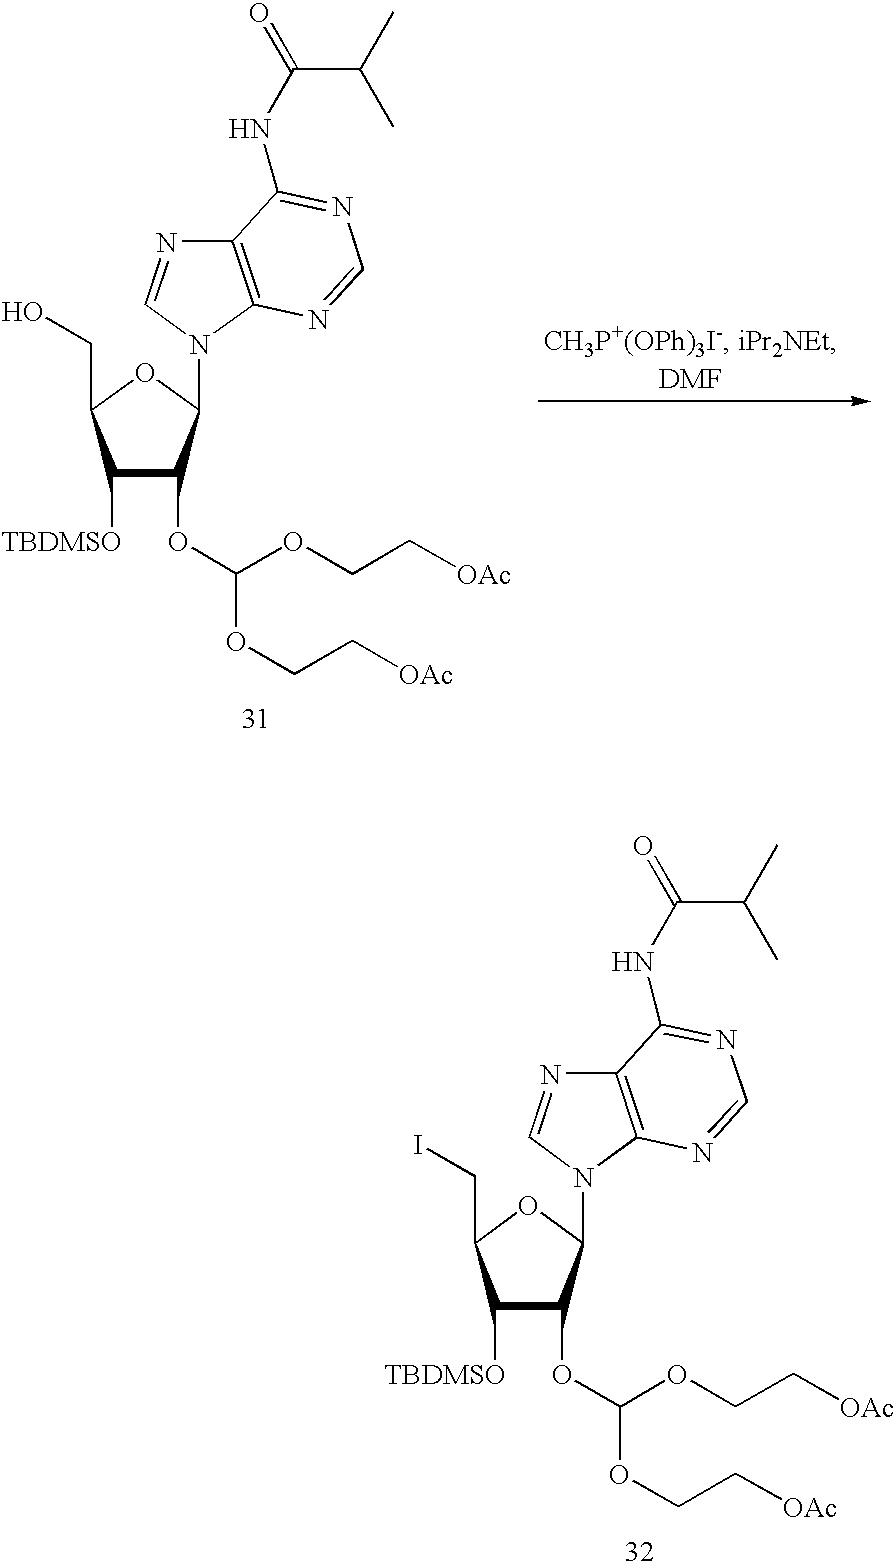 Figure US20090280567A1-20091112-C00028